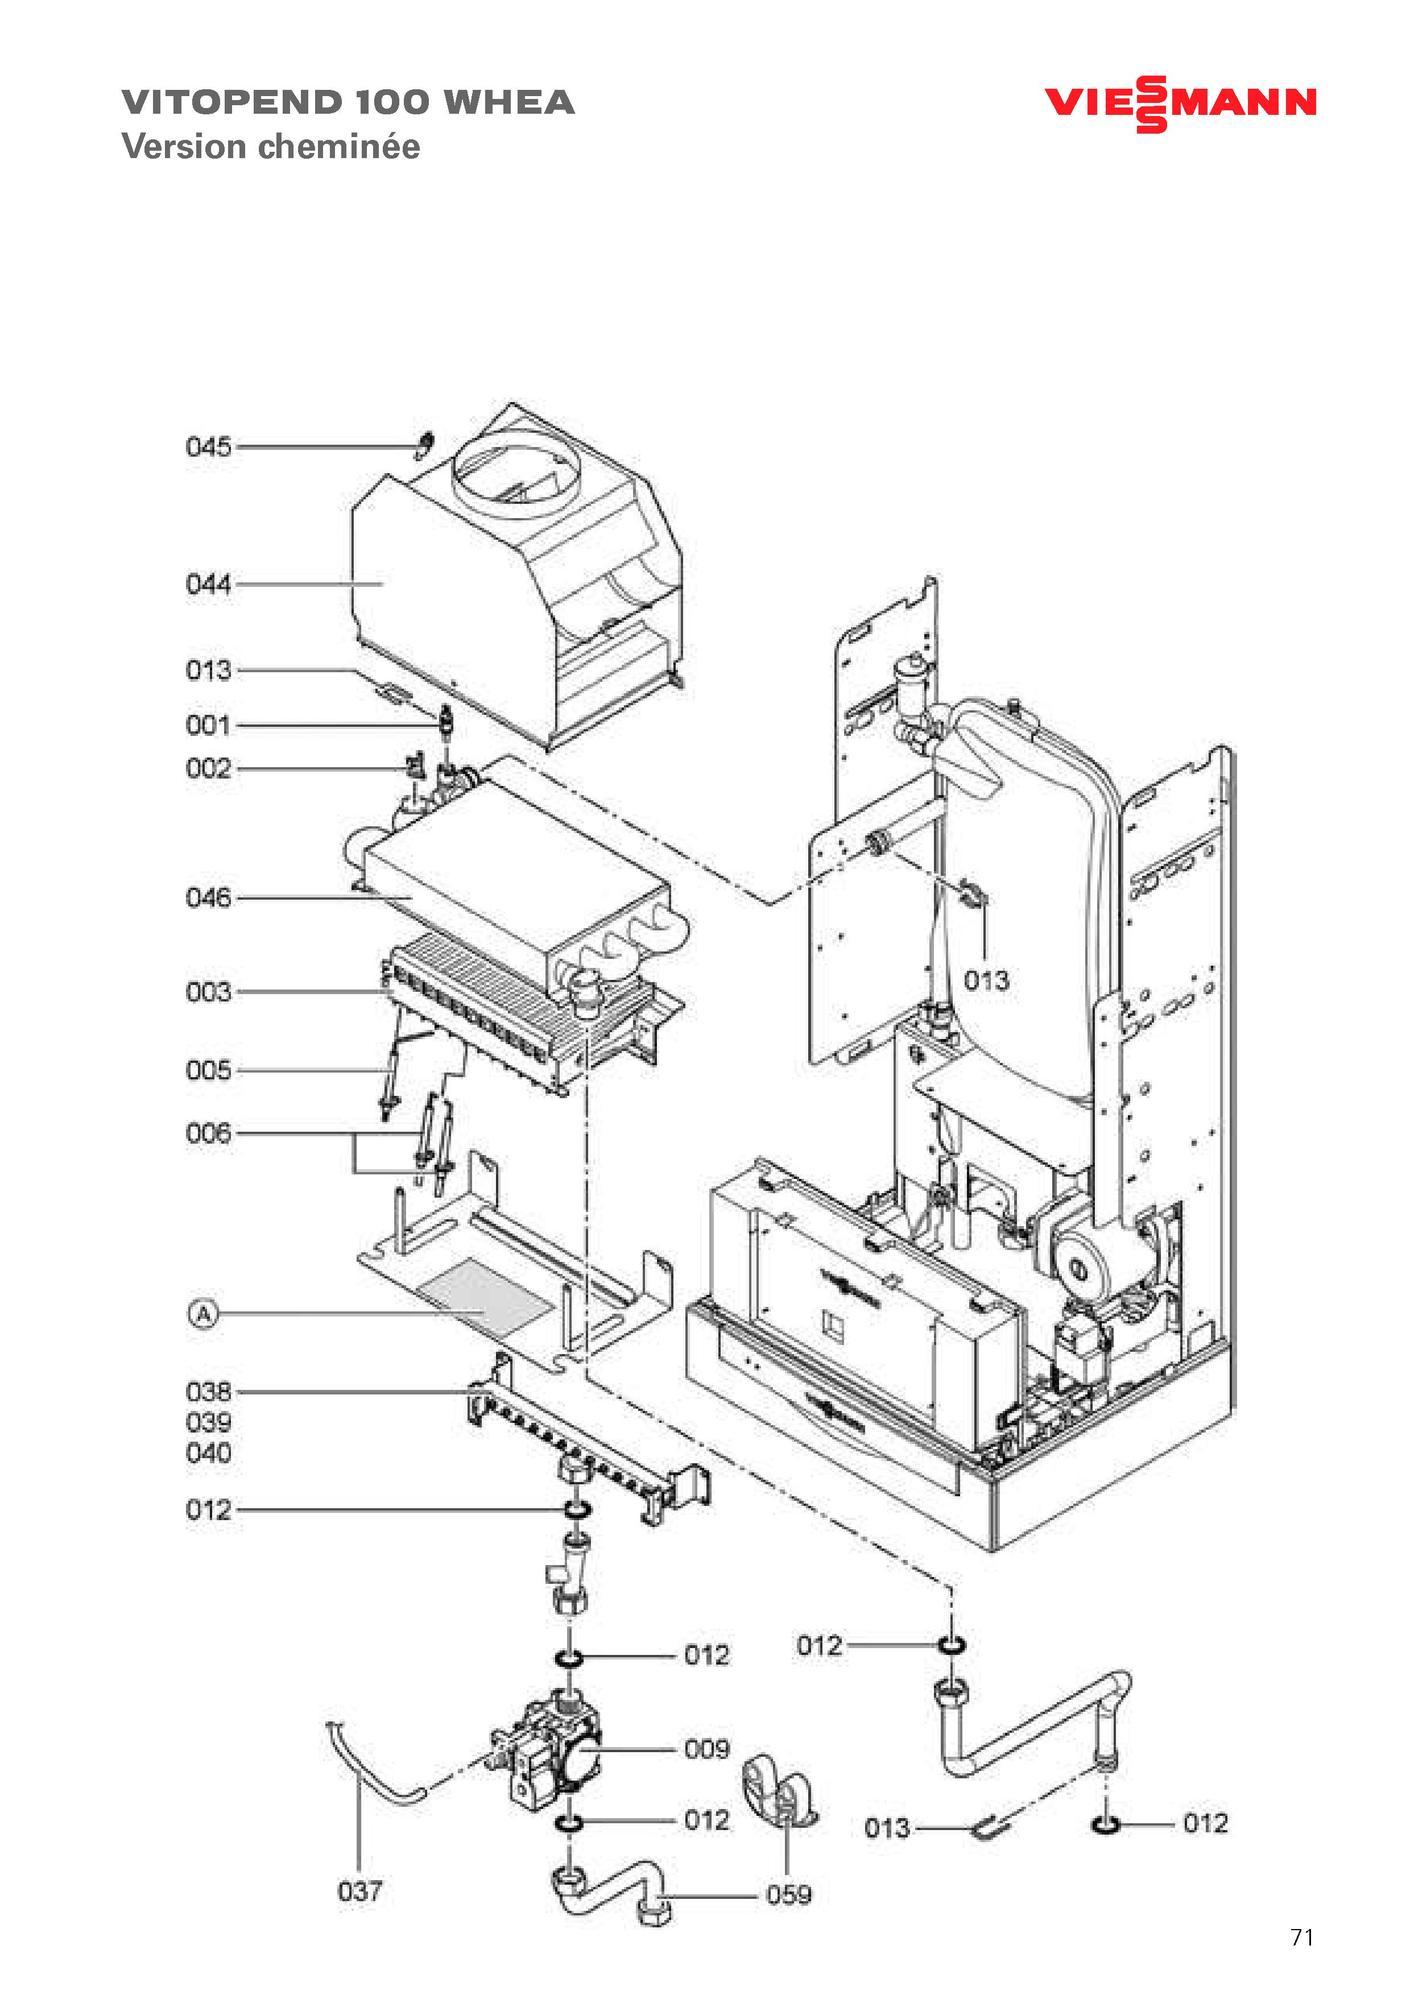 recherche directe dans la vue clat e de l 39 article viessmann bloc combine gaz sit sigma 845. Black Bedroom Furniture Sets. Home Design Ideas